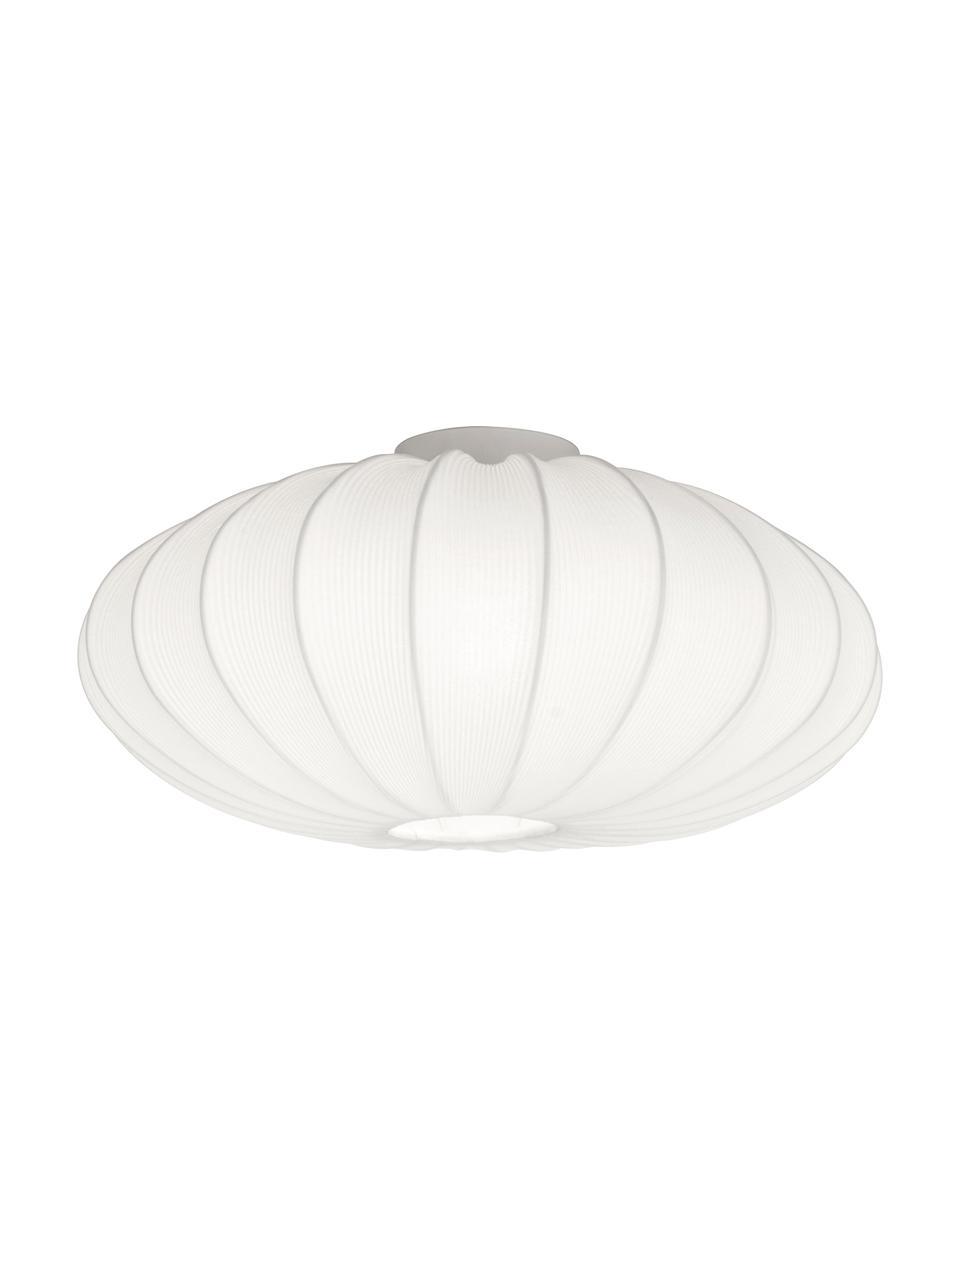 Deckenleuchte Mamsell aus Stoff, Lampenschirm: 60 % Polyester, 40 % Rayo, Baldachin: Metall, Weiß, Ø 55 x H 28 cm